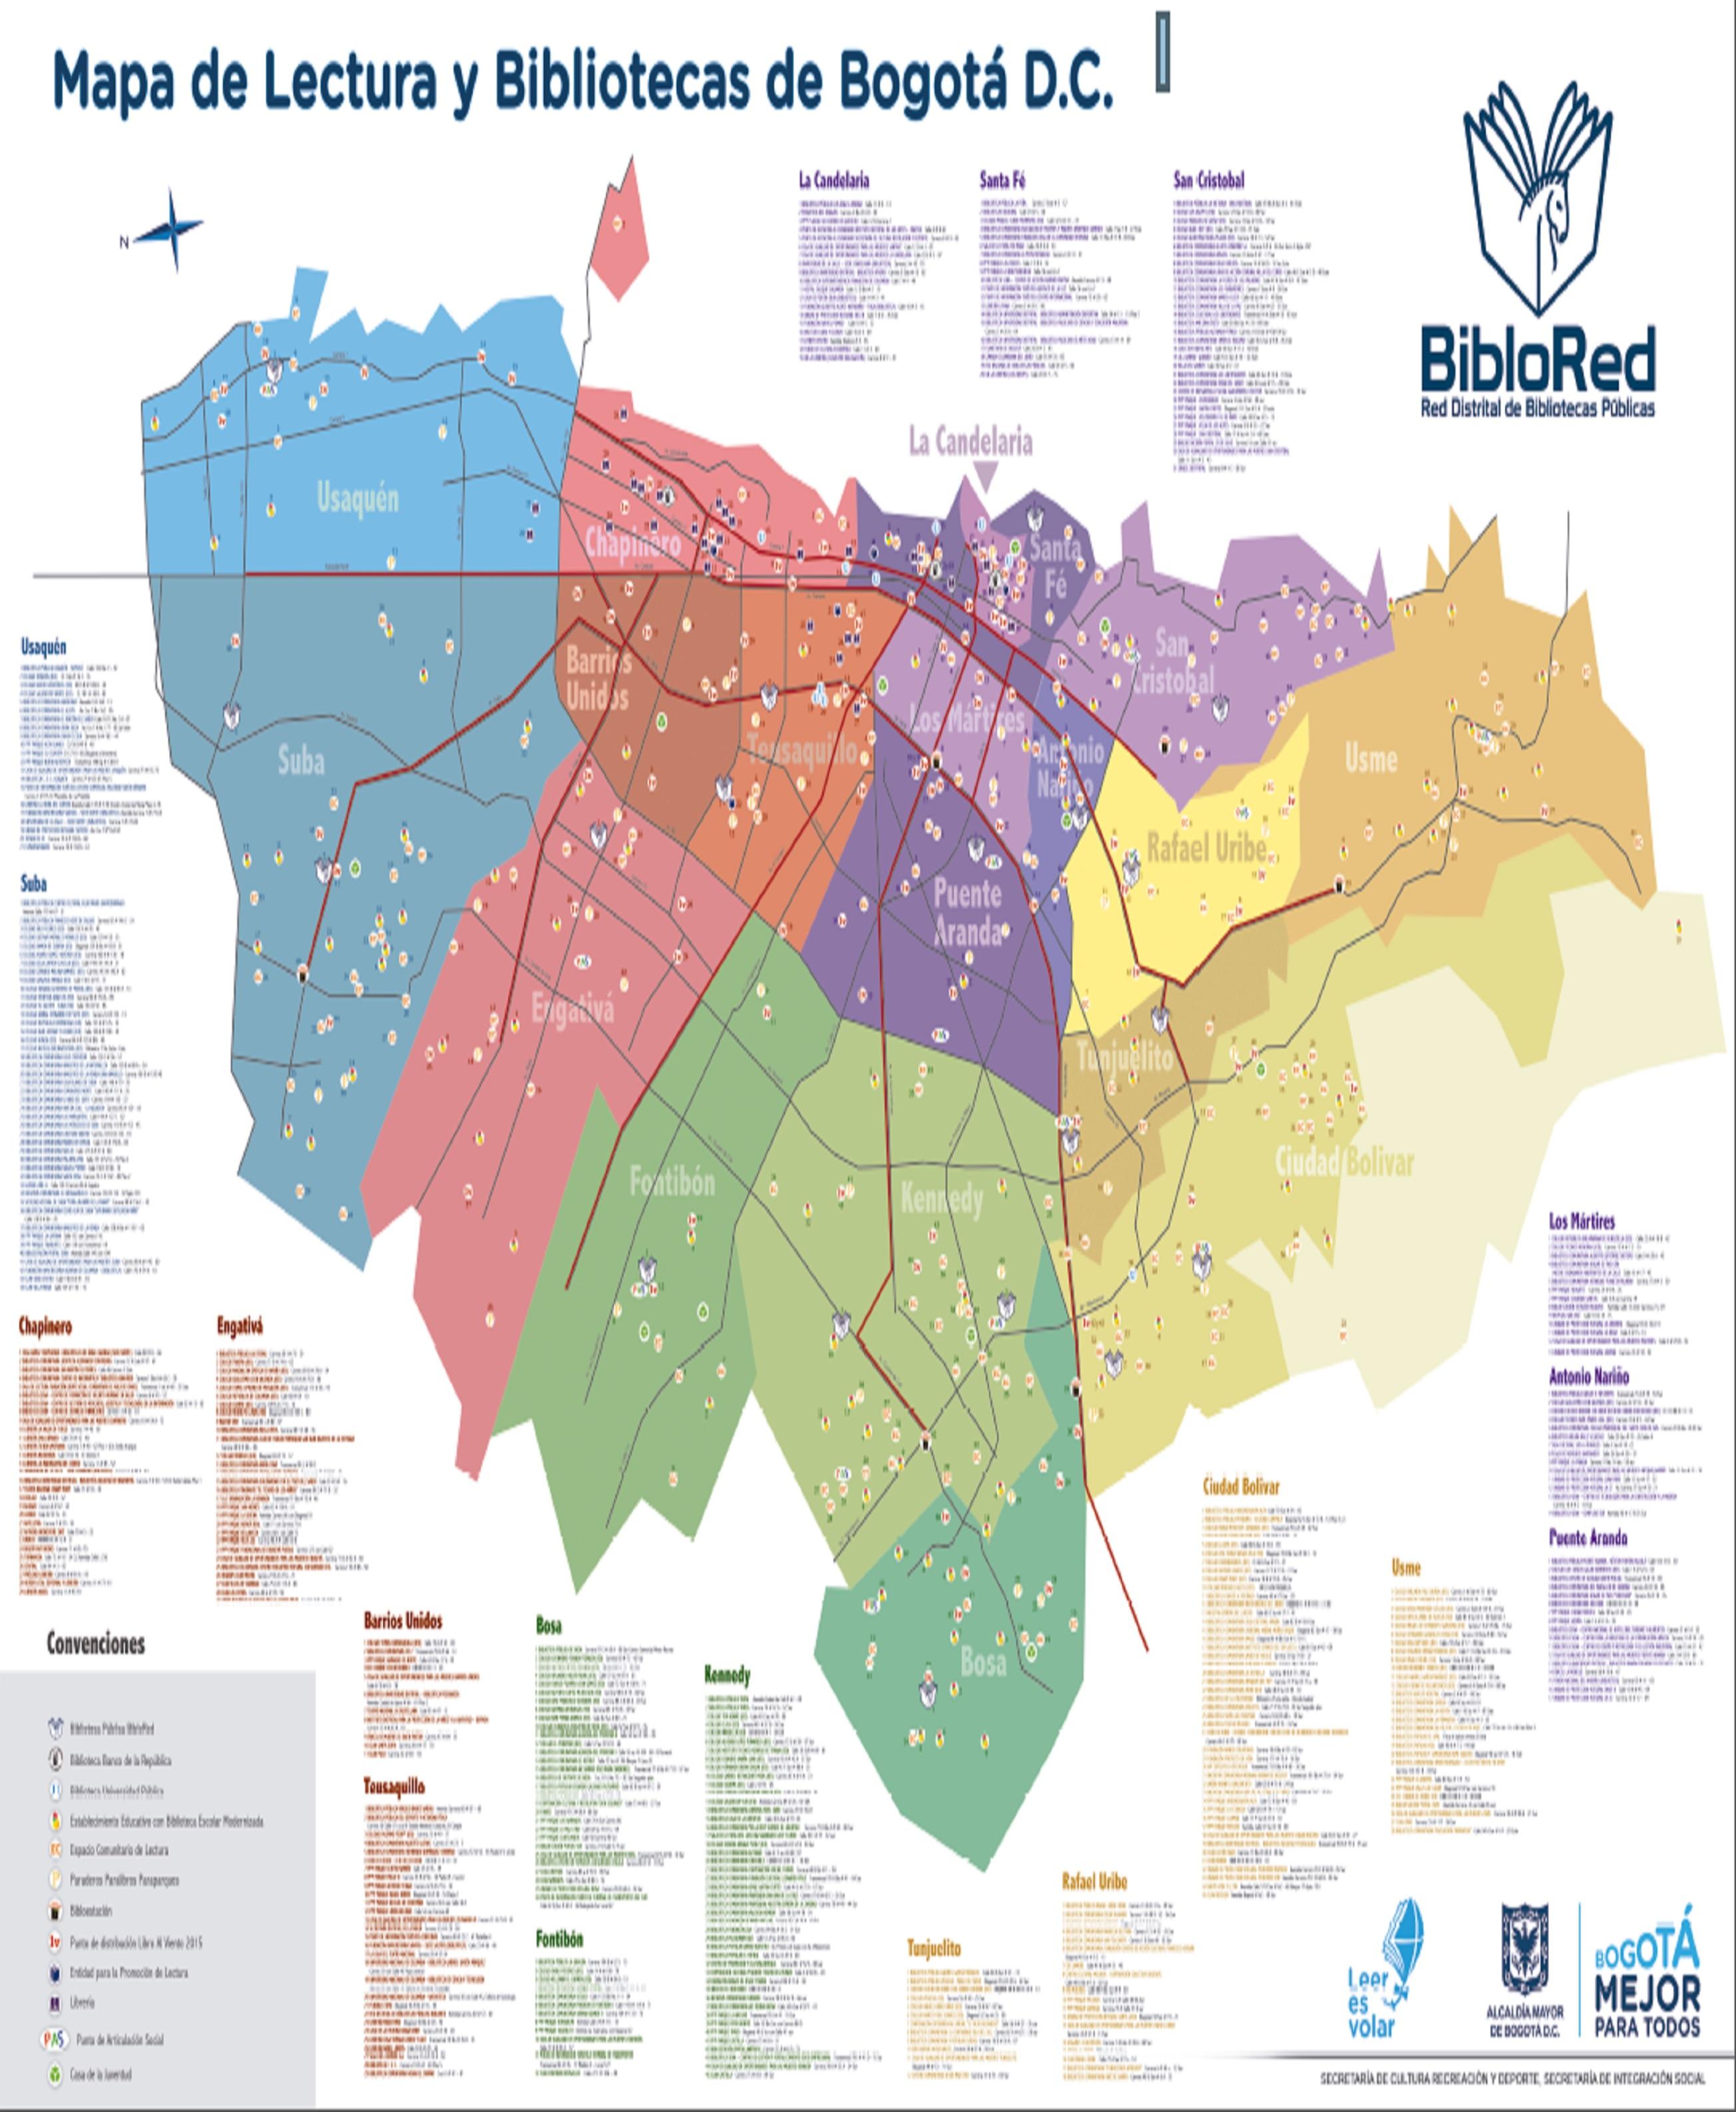 Imagen de apoyo de  Mapa de Lectura y Bibliotecas de Bogotá D.C.